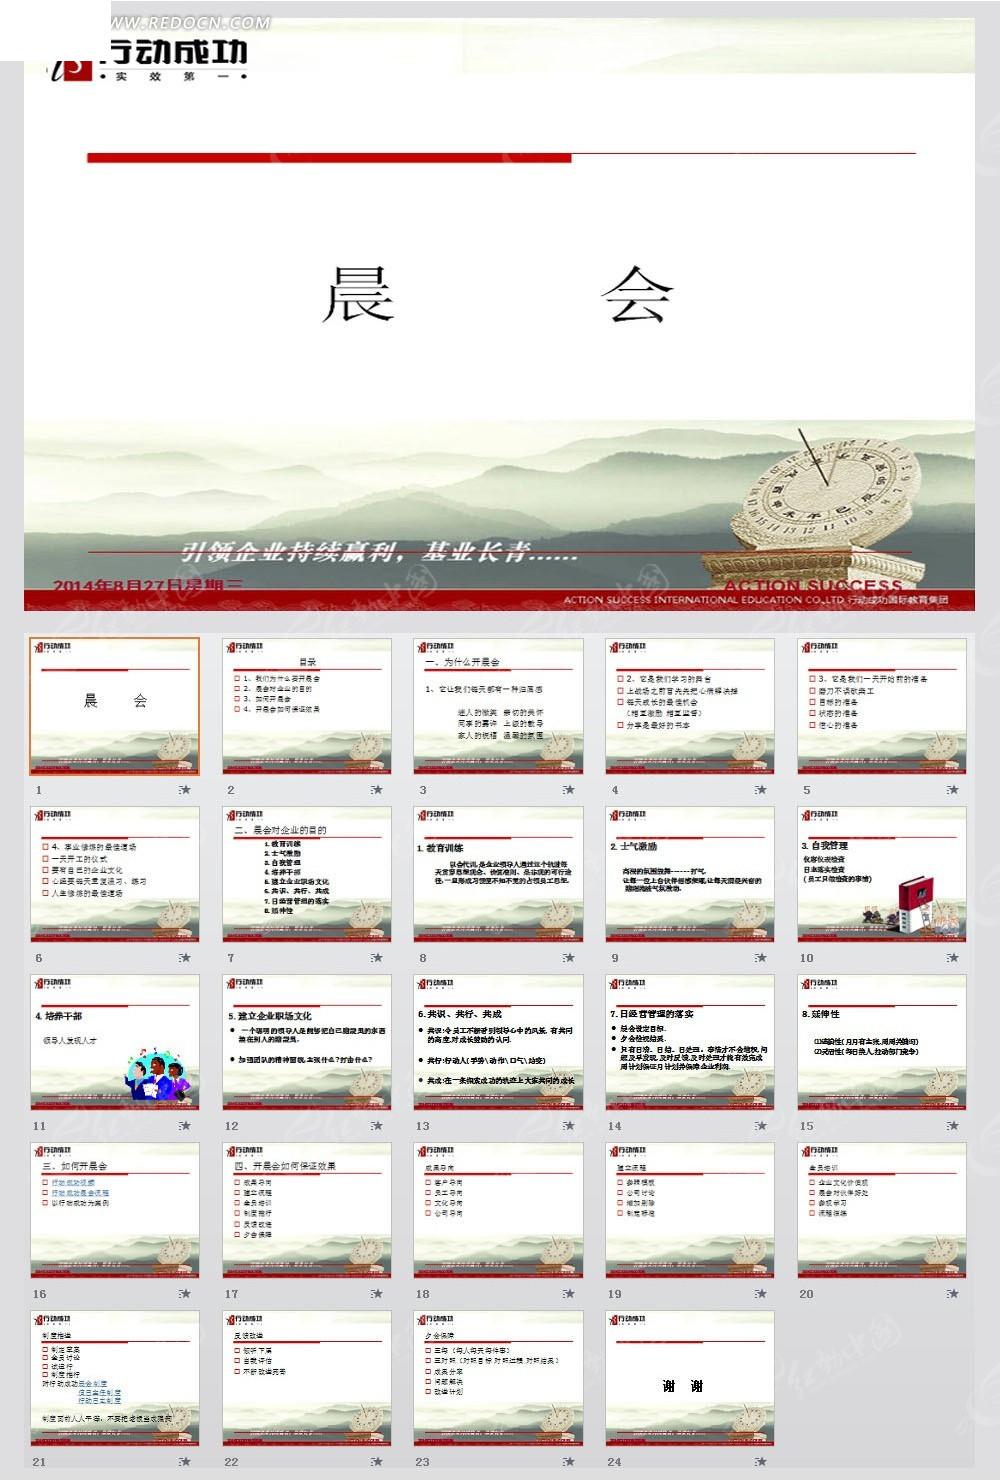 行动成功晨会内容ppt素材免费下载 红动网